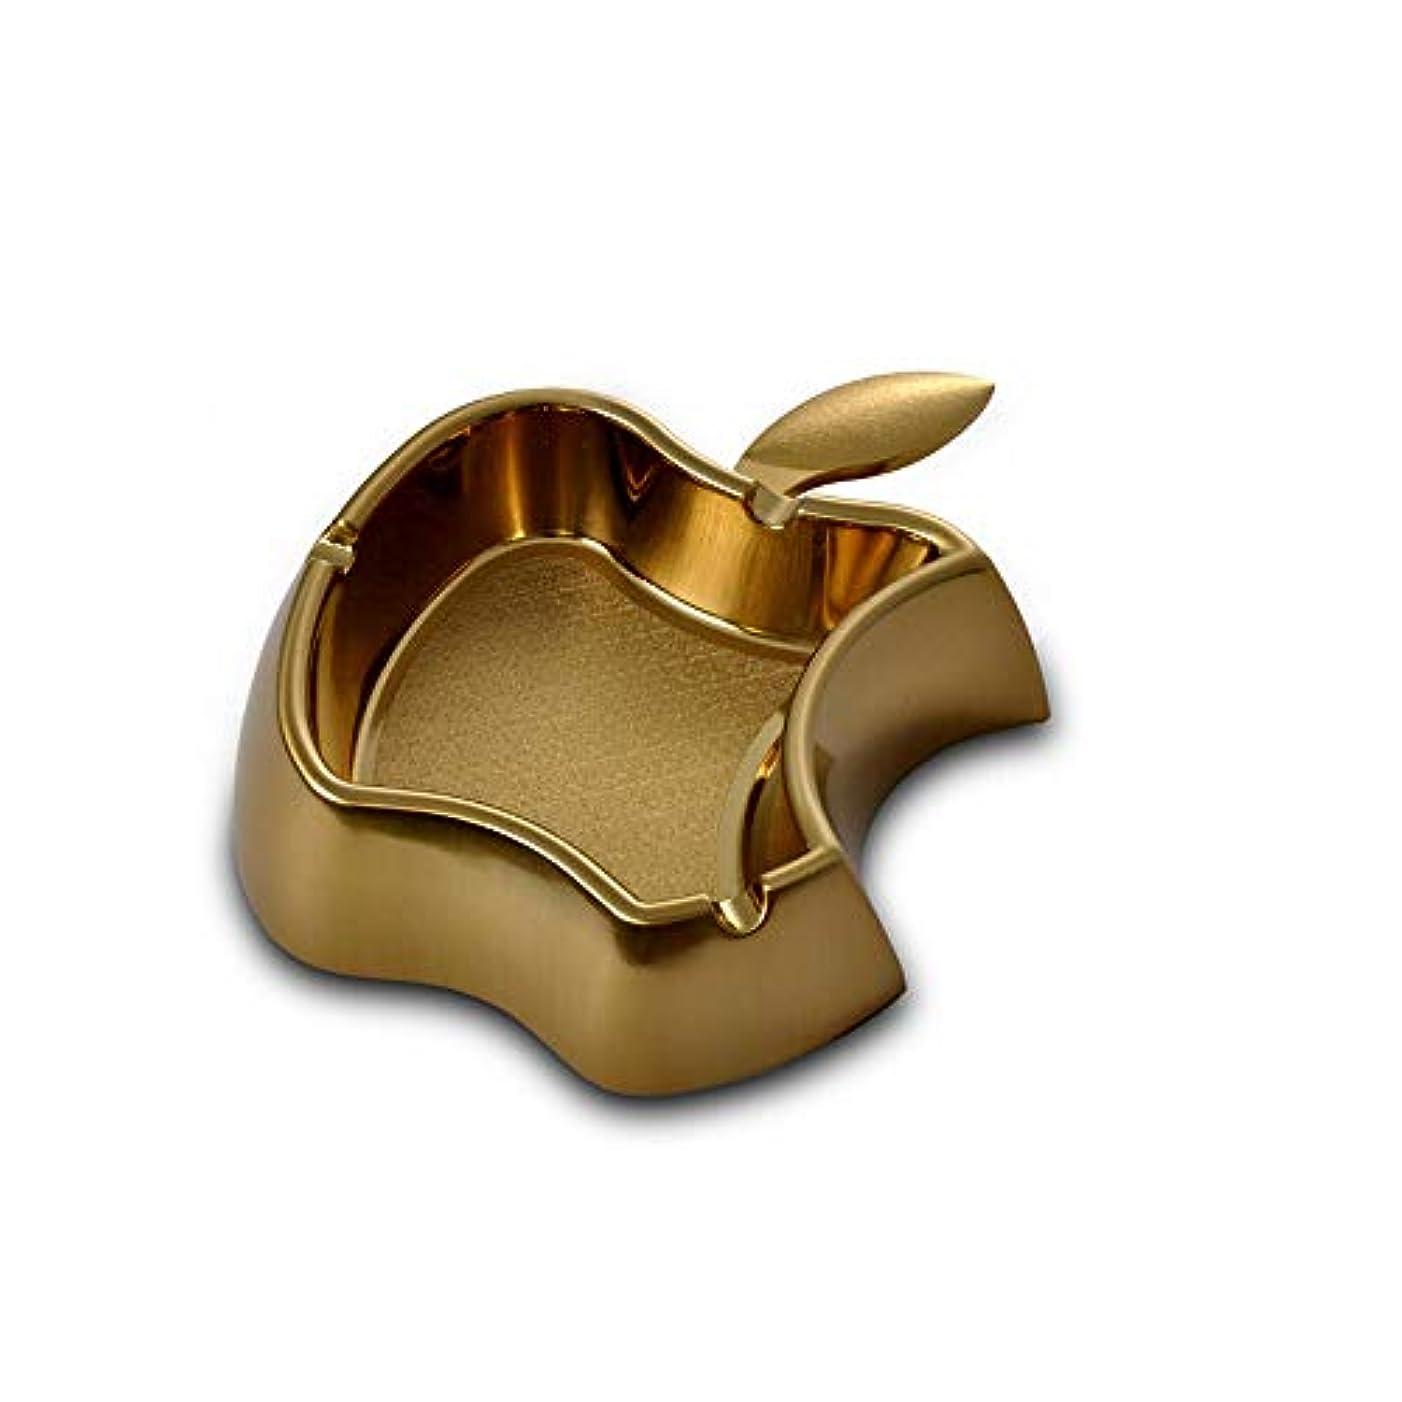 長々と隔離補助金クリエイティブアップルメタル灰皿シンプルな灰皿耐火ドロップ灰皿 (色 : ゴールド)